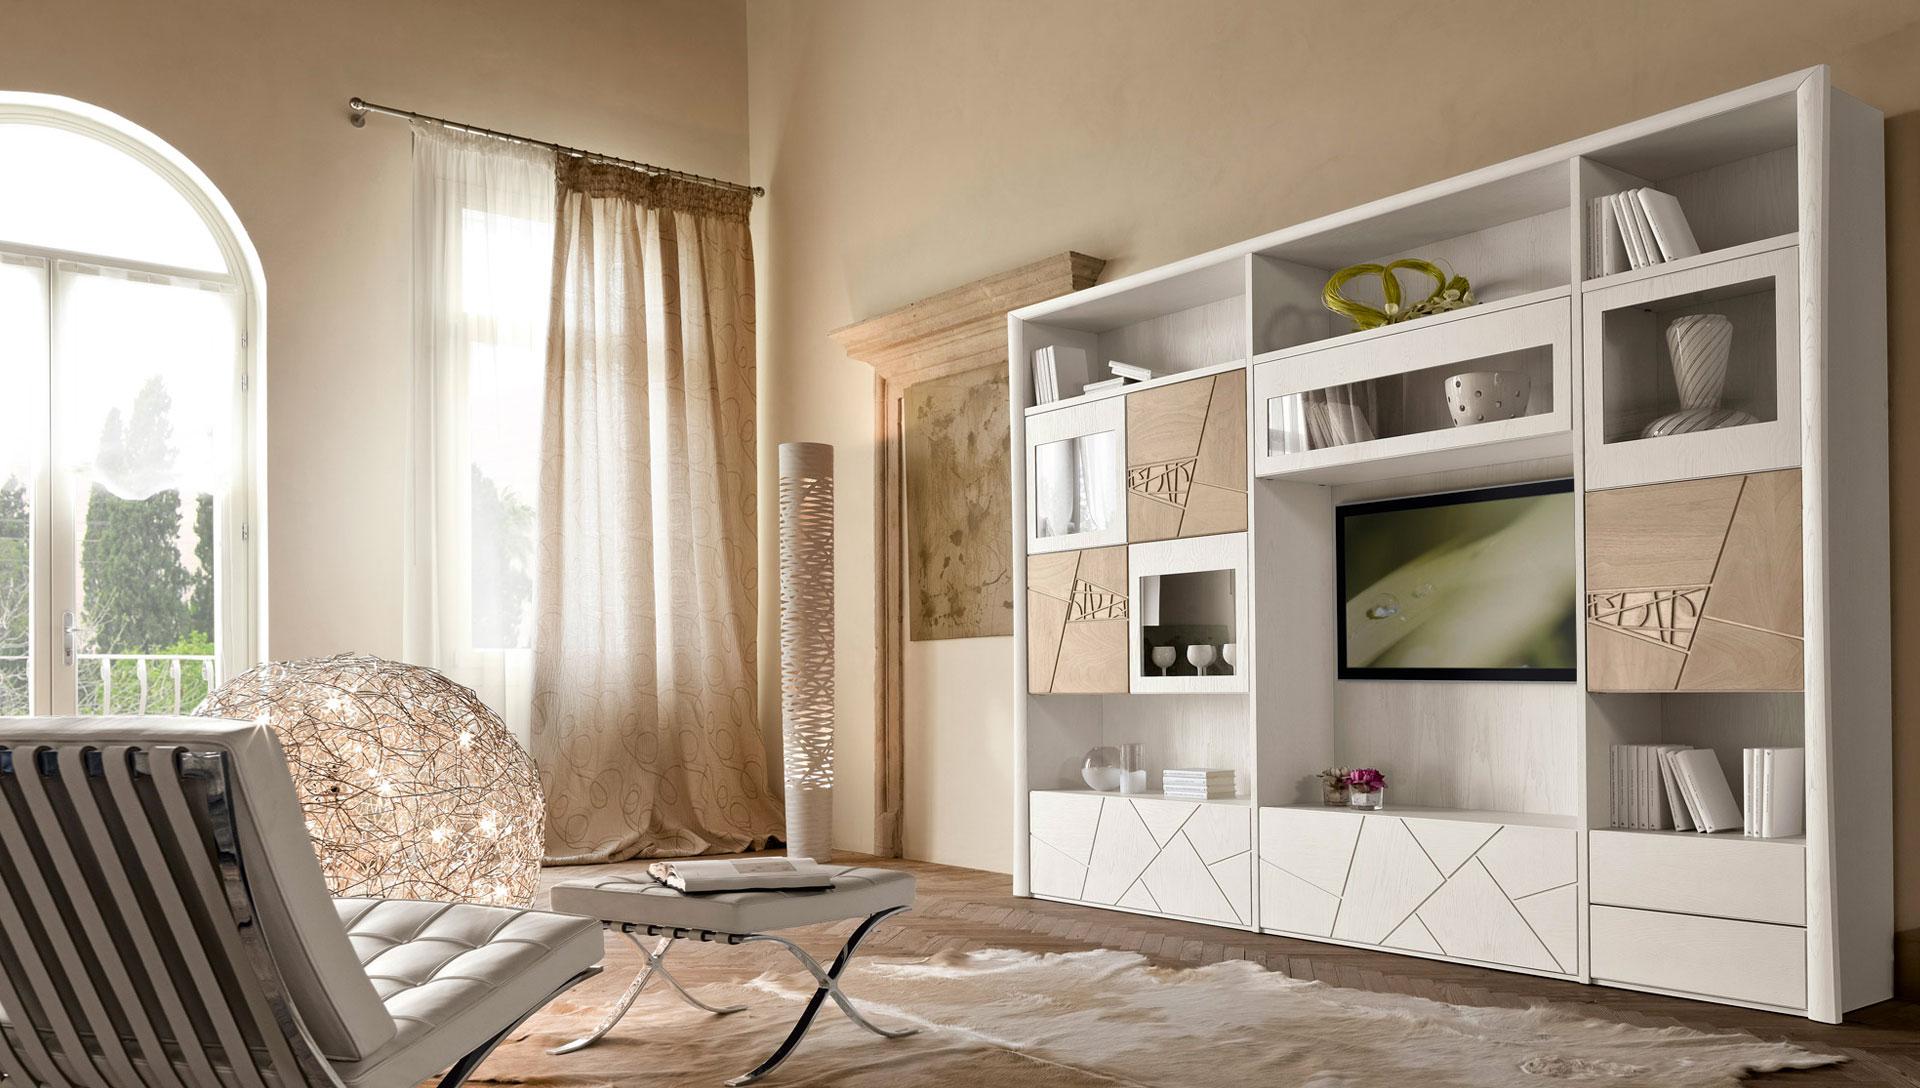 complementi-arredo-modo-10-comodus-arredamenti-nicoletti-interni-interior-design-divani-complementi-arredo-mobili-design-accessori-matera